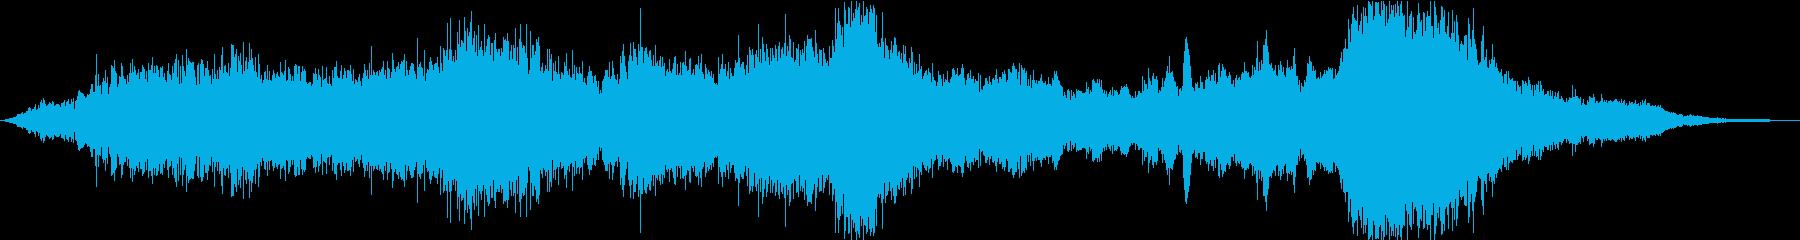 ドローン Obstrusive O...の再生済みの波形